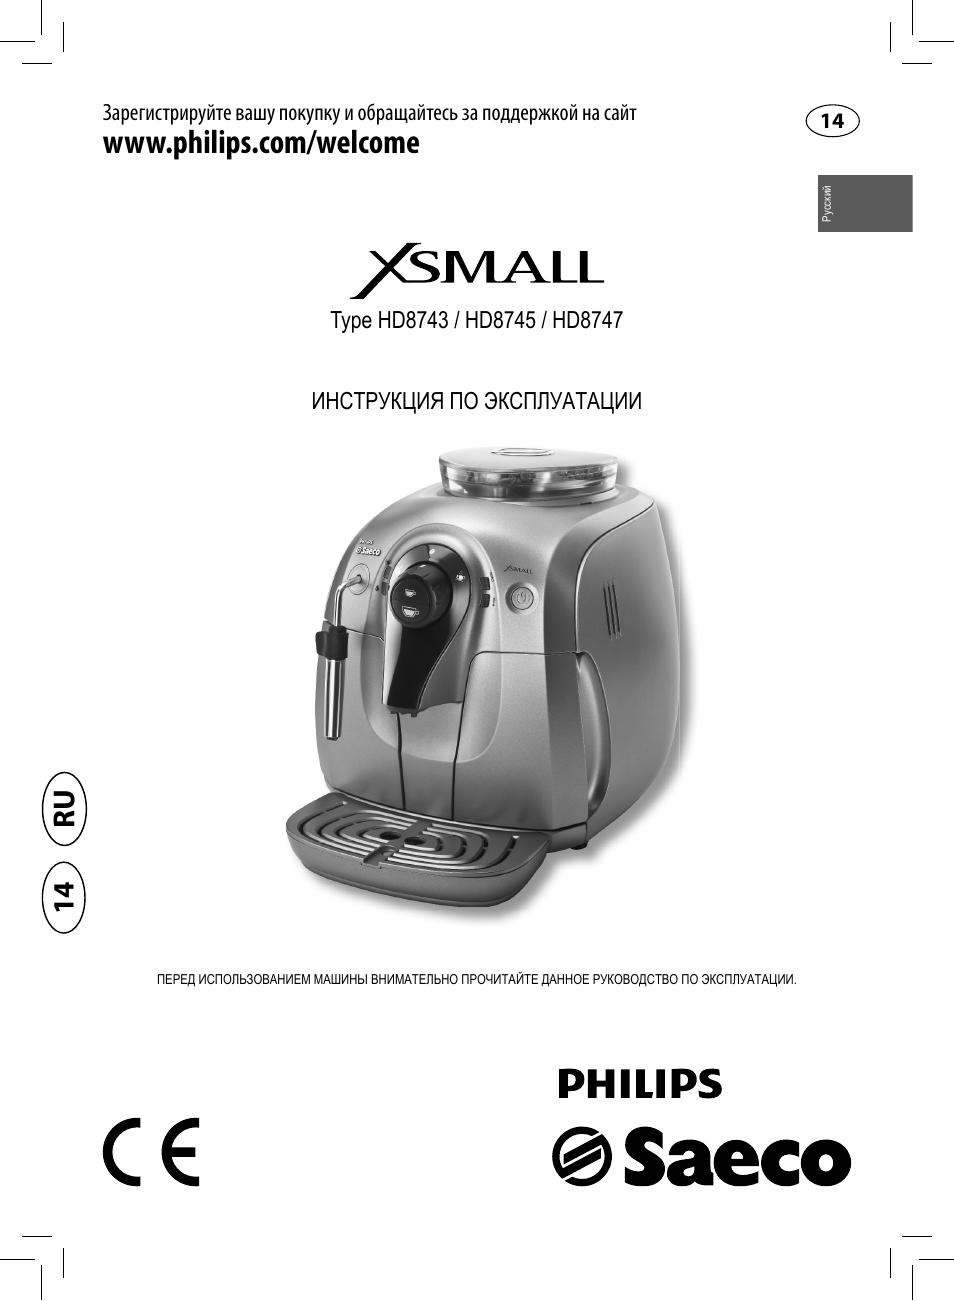 Кофемашина инструкция philips saeco xsmall